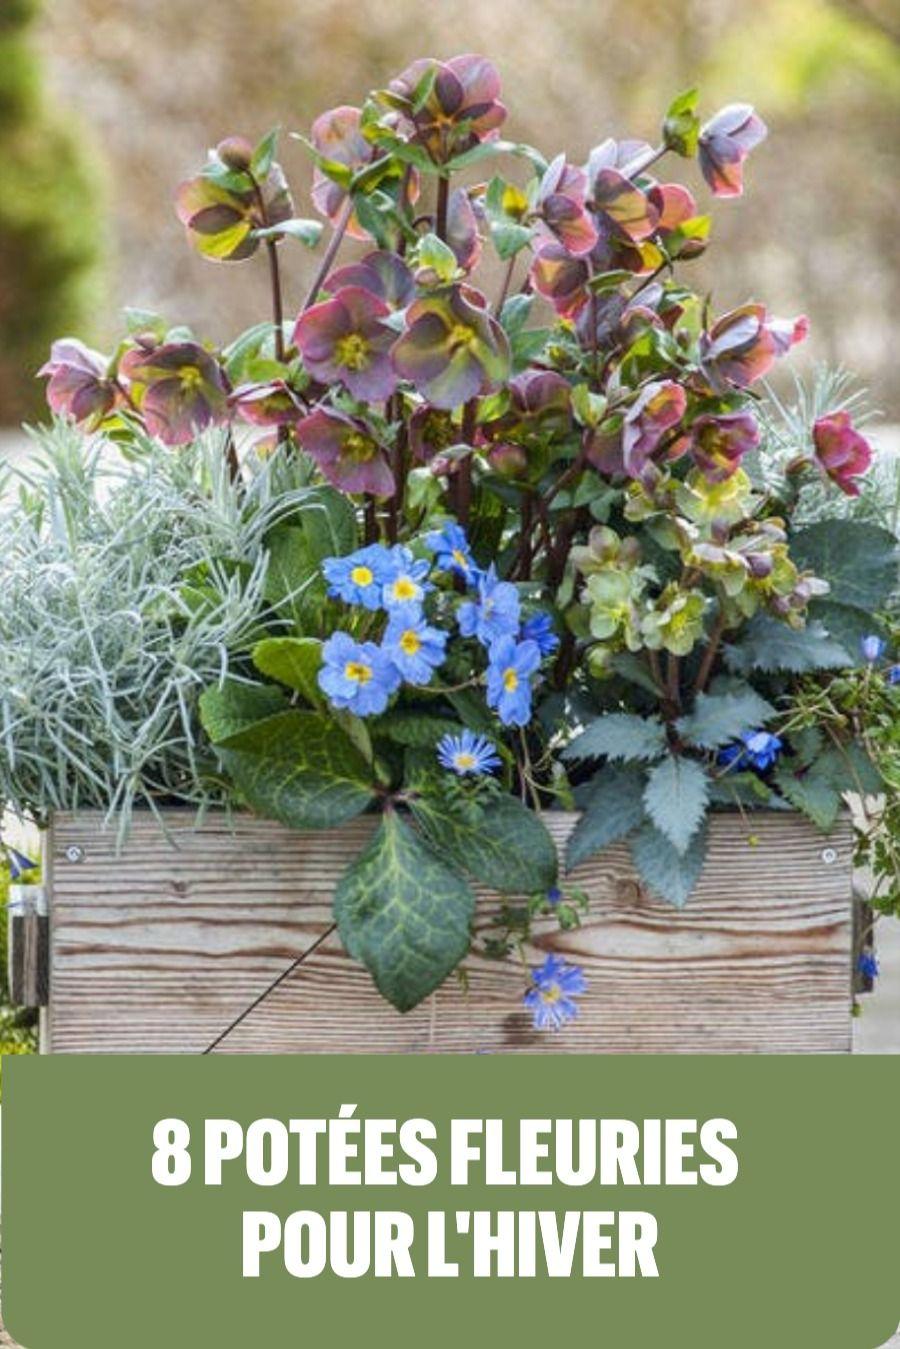 Couleur : A Fleur Escaliers /Étag/ères Bois Fleur Stand Coin Jardin Plante Affichage pour Pots de Fleurs Titulaire Rack /Étag/ère de Jardin Int/érieur ou Ext/érieur pour Balcon//Salon 49x50x100cm